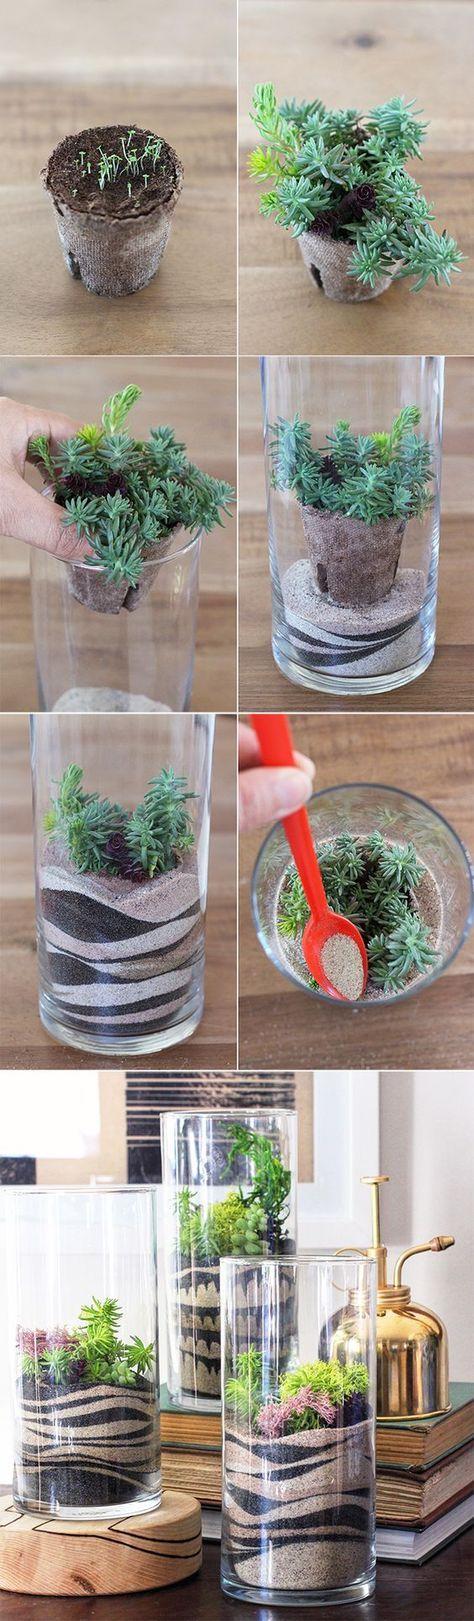 DIY Sand Art Terrarium.. 25 Indoor Succulent DIY Project Ideas. #Indoor #Succulent #Garden